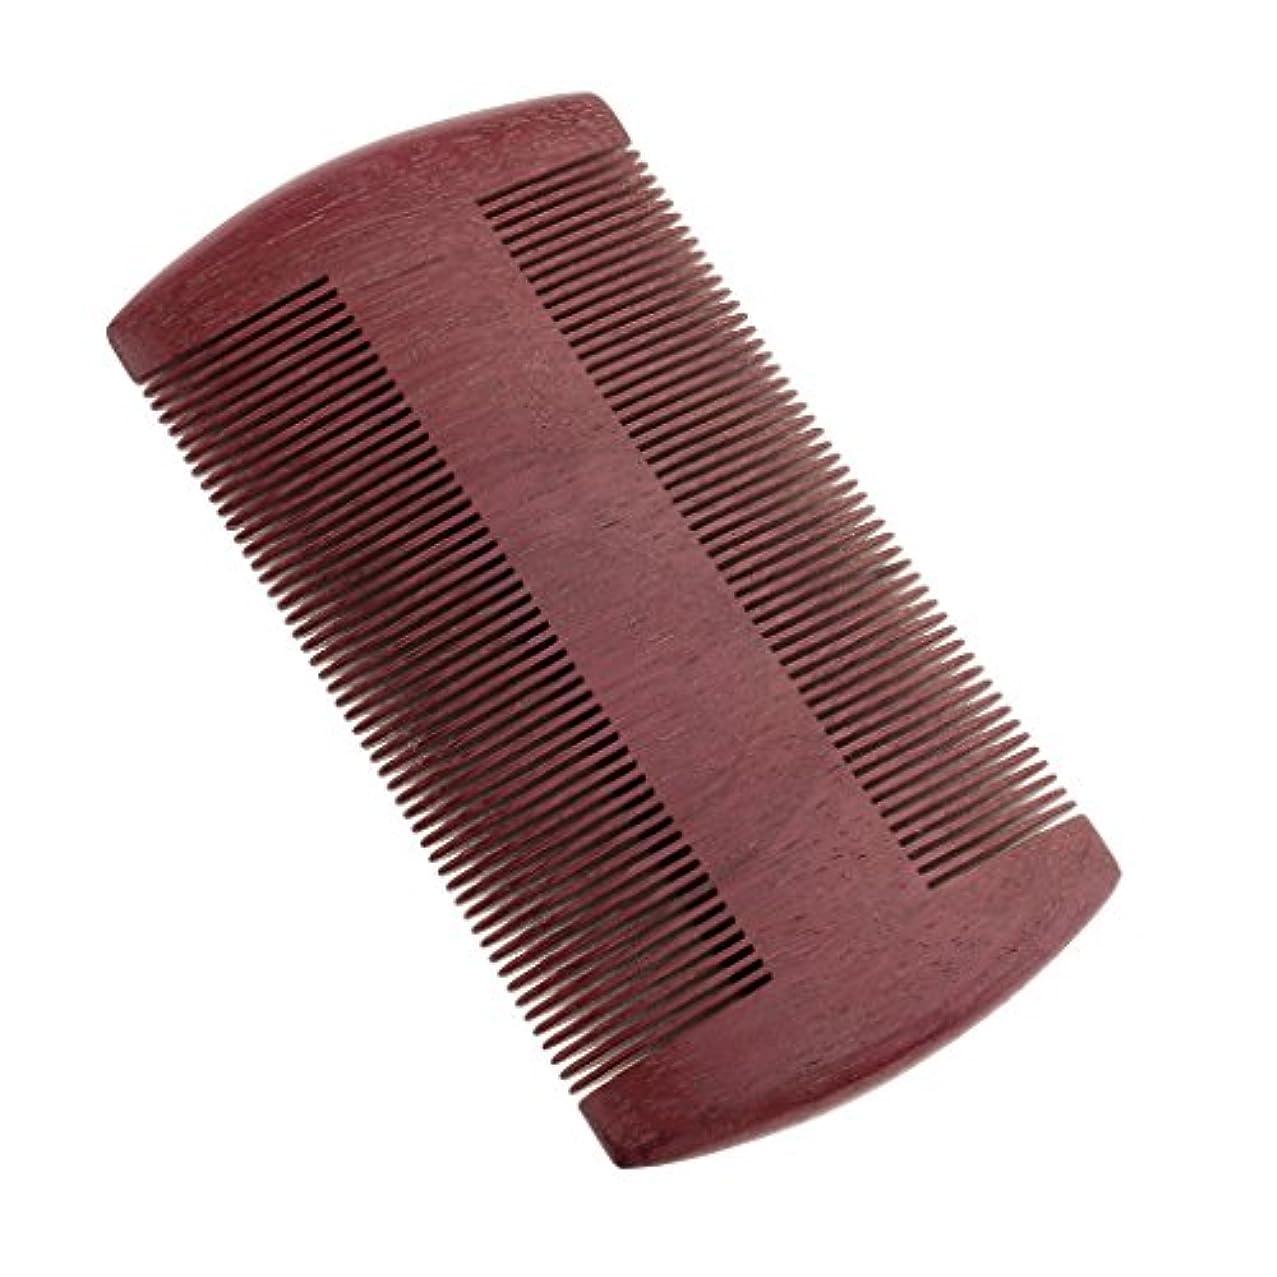 研磨剤こどもの宮殿意識的Kesoto ウッドコーム 木製 ダブル密度 歯 櫛 ひげ ブラシ